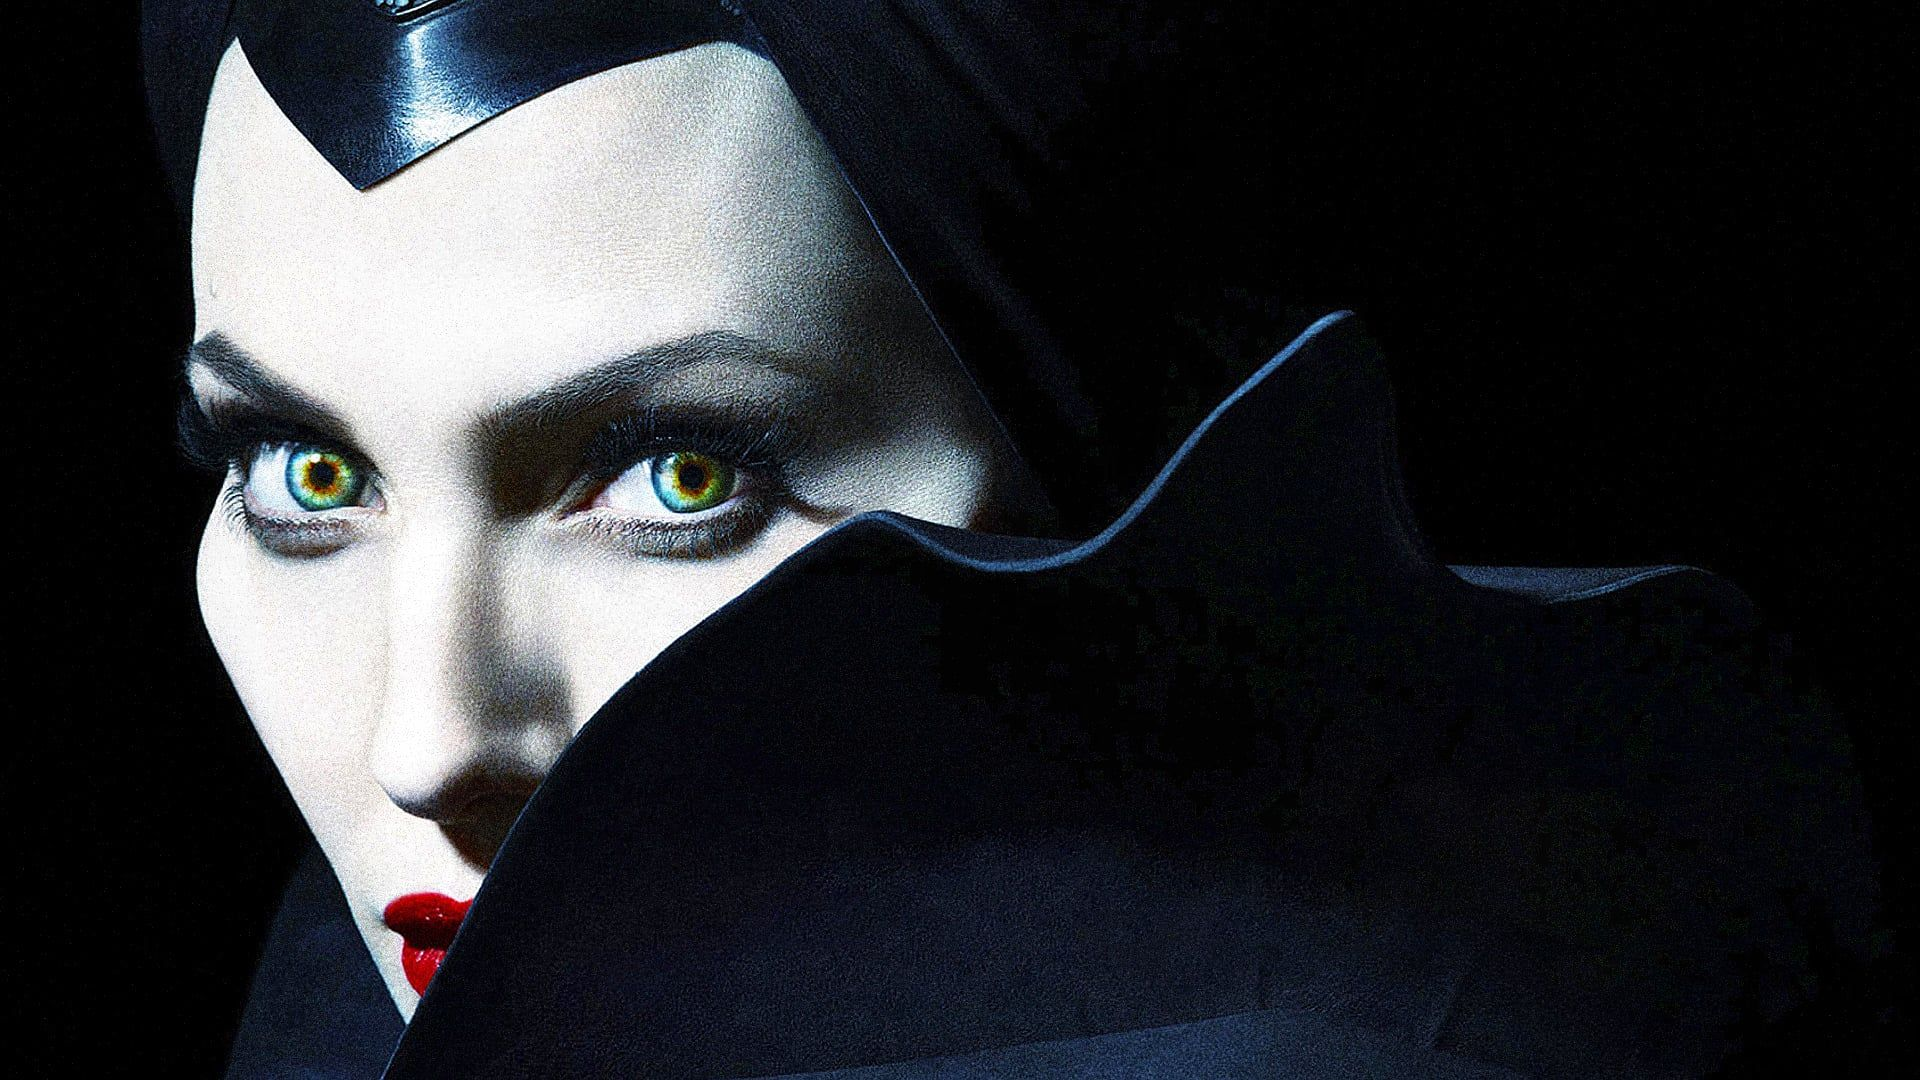 Maleficent 2014 Streaming Ita Cb01 Film Completo Italiano Altadefinizione La Rilettura Della Bella Addormentata Maleficent Maleficent Movie Maleficent Trailer